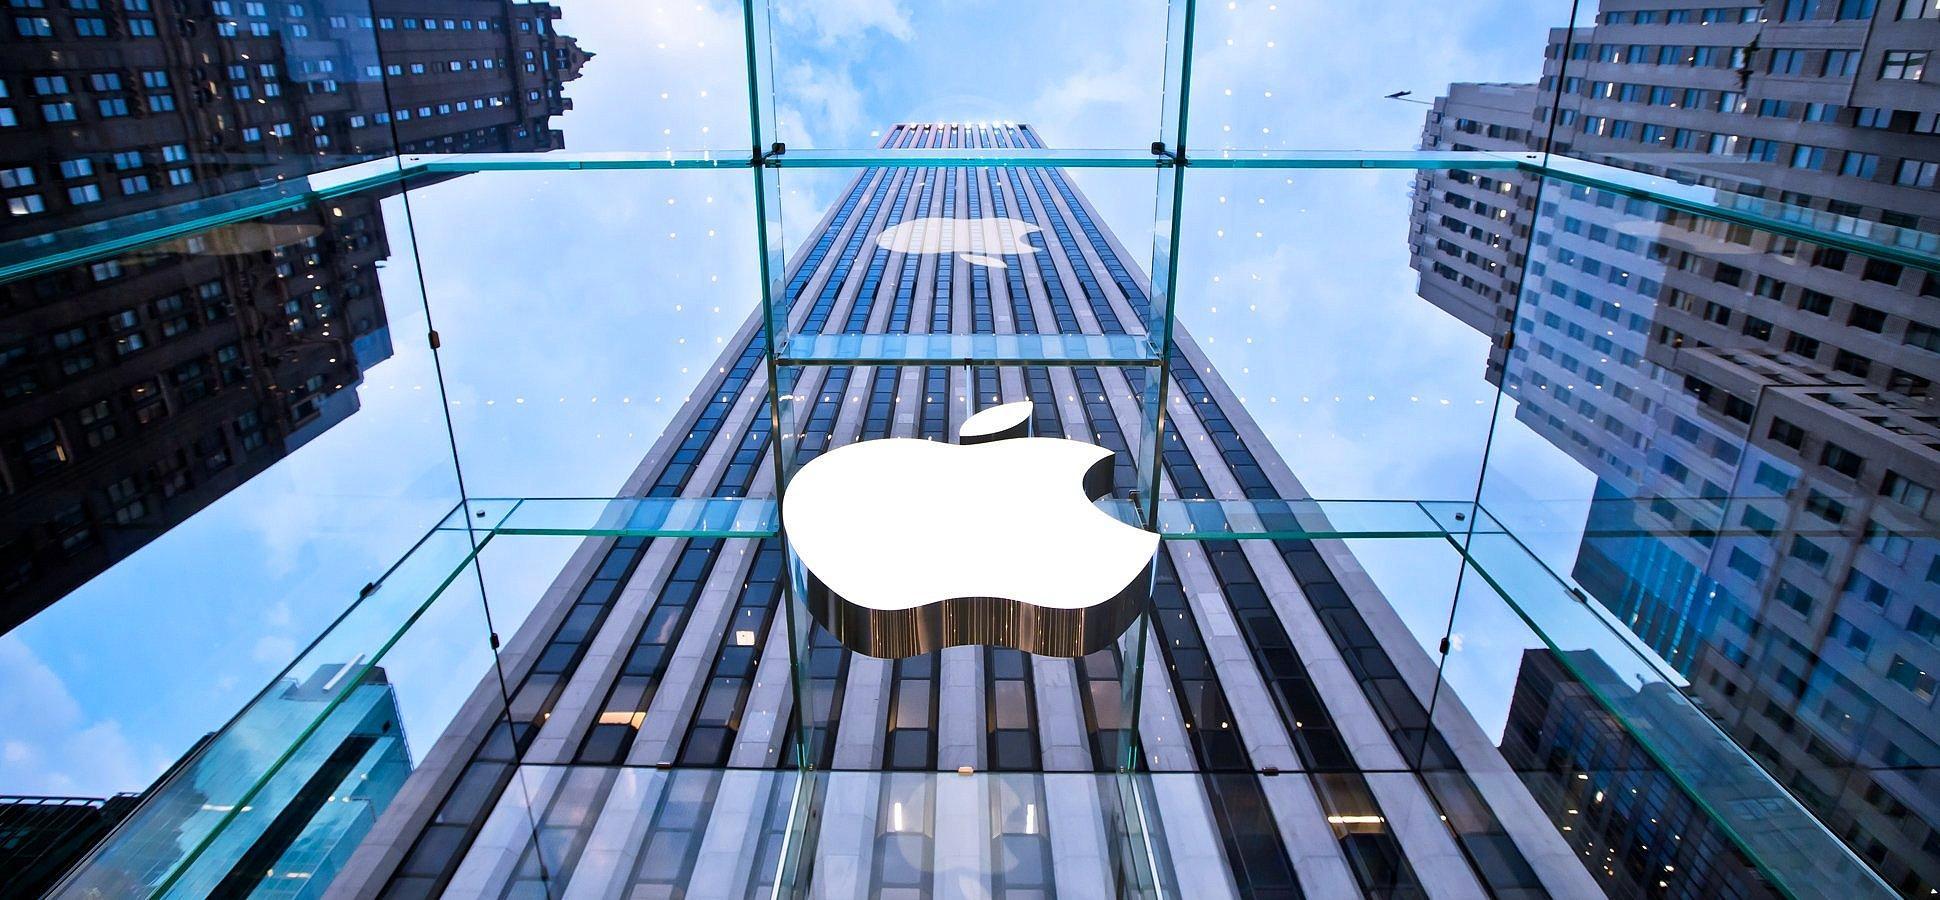 Apple incearca sa tina pasul cu productia in masa de telefoane cu tehnologie 5G